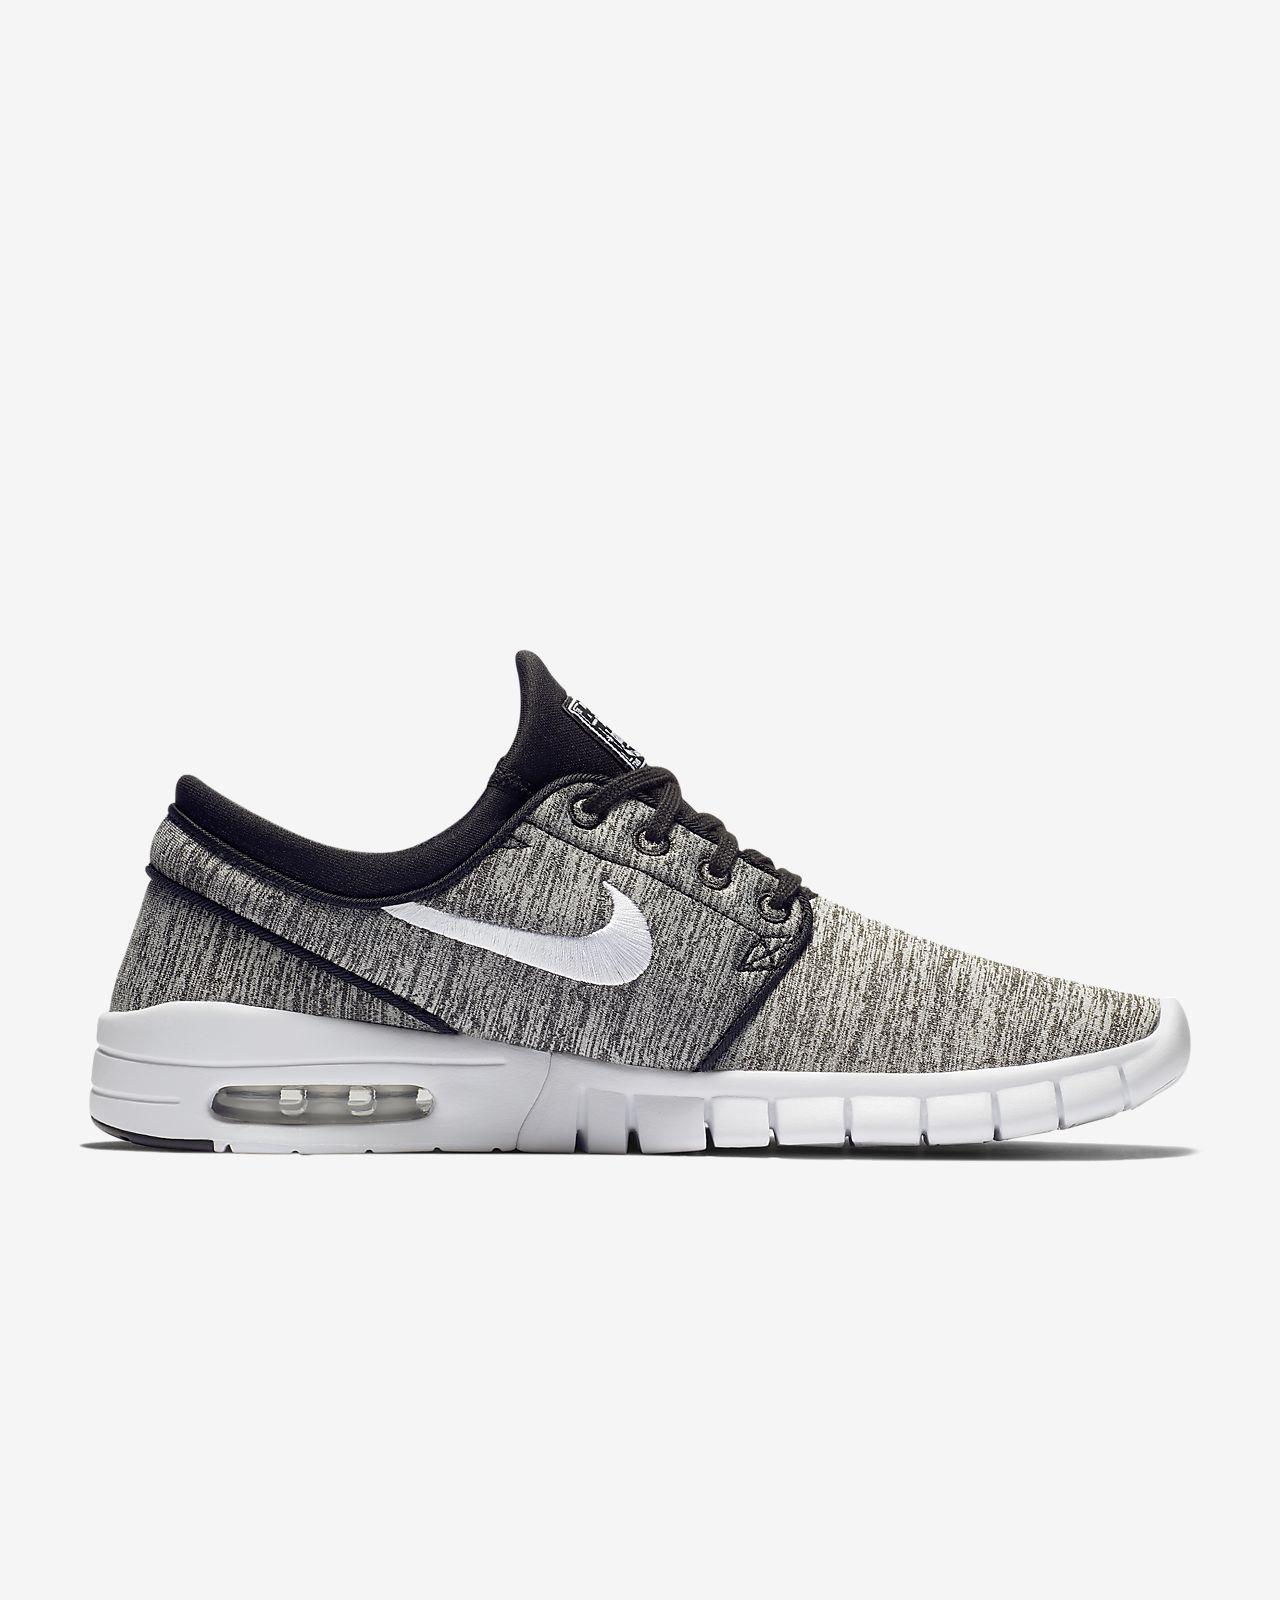 info for b6b8c 708a4 ... Nike SB Stefan Janoski Max Skate Shoe